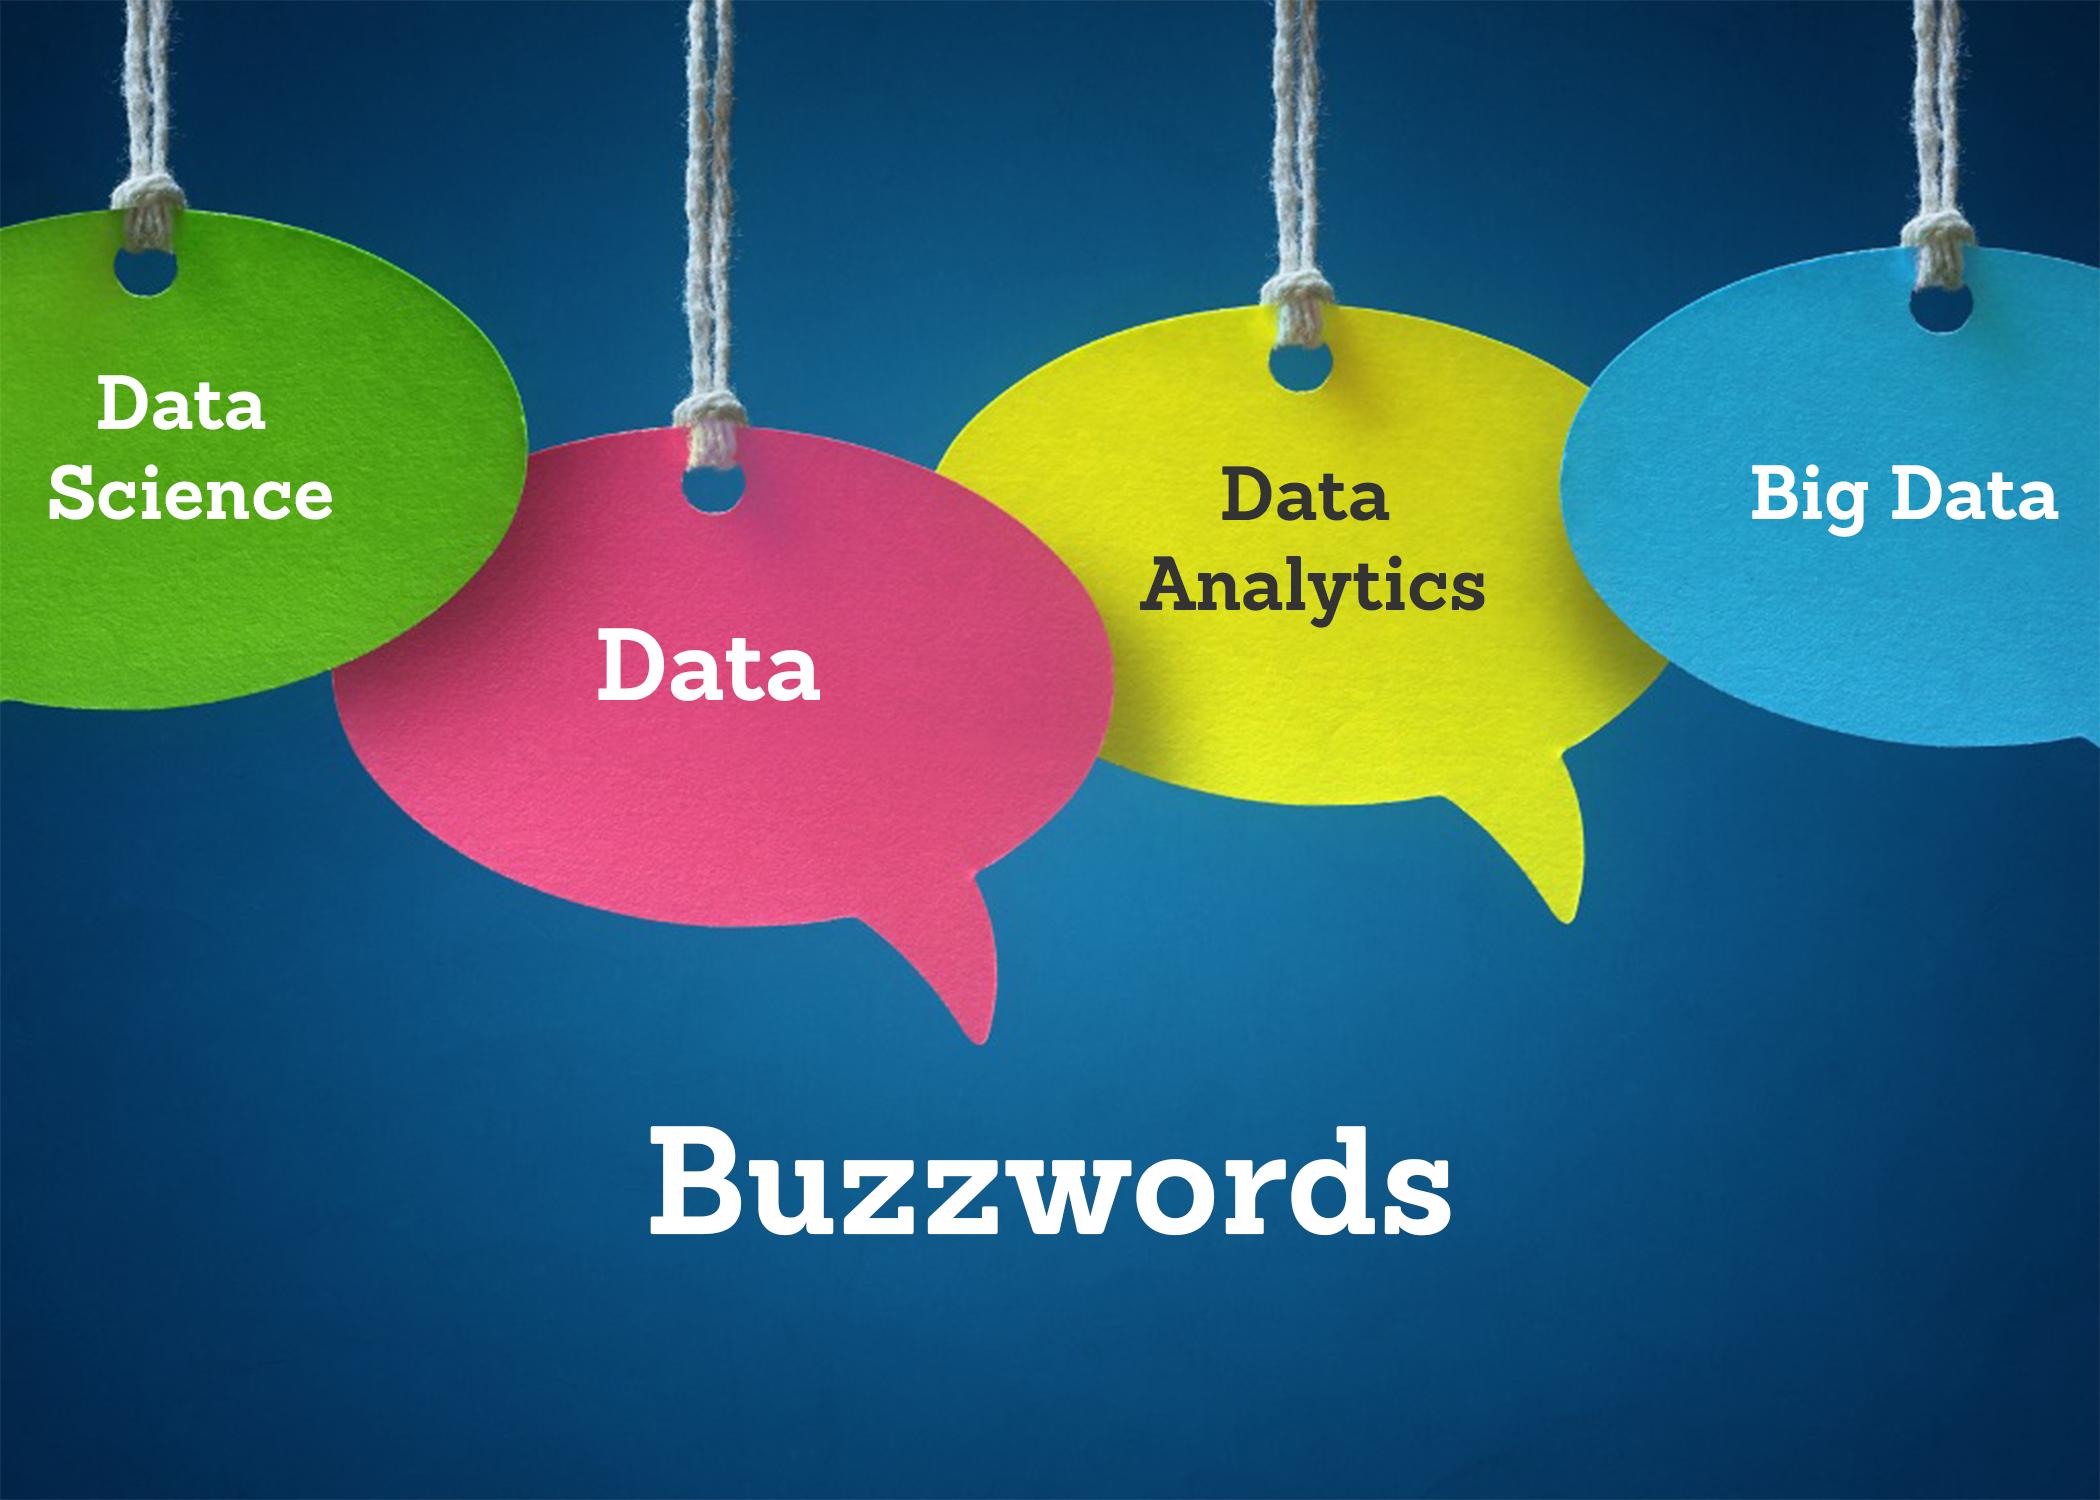 Data Buzz